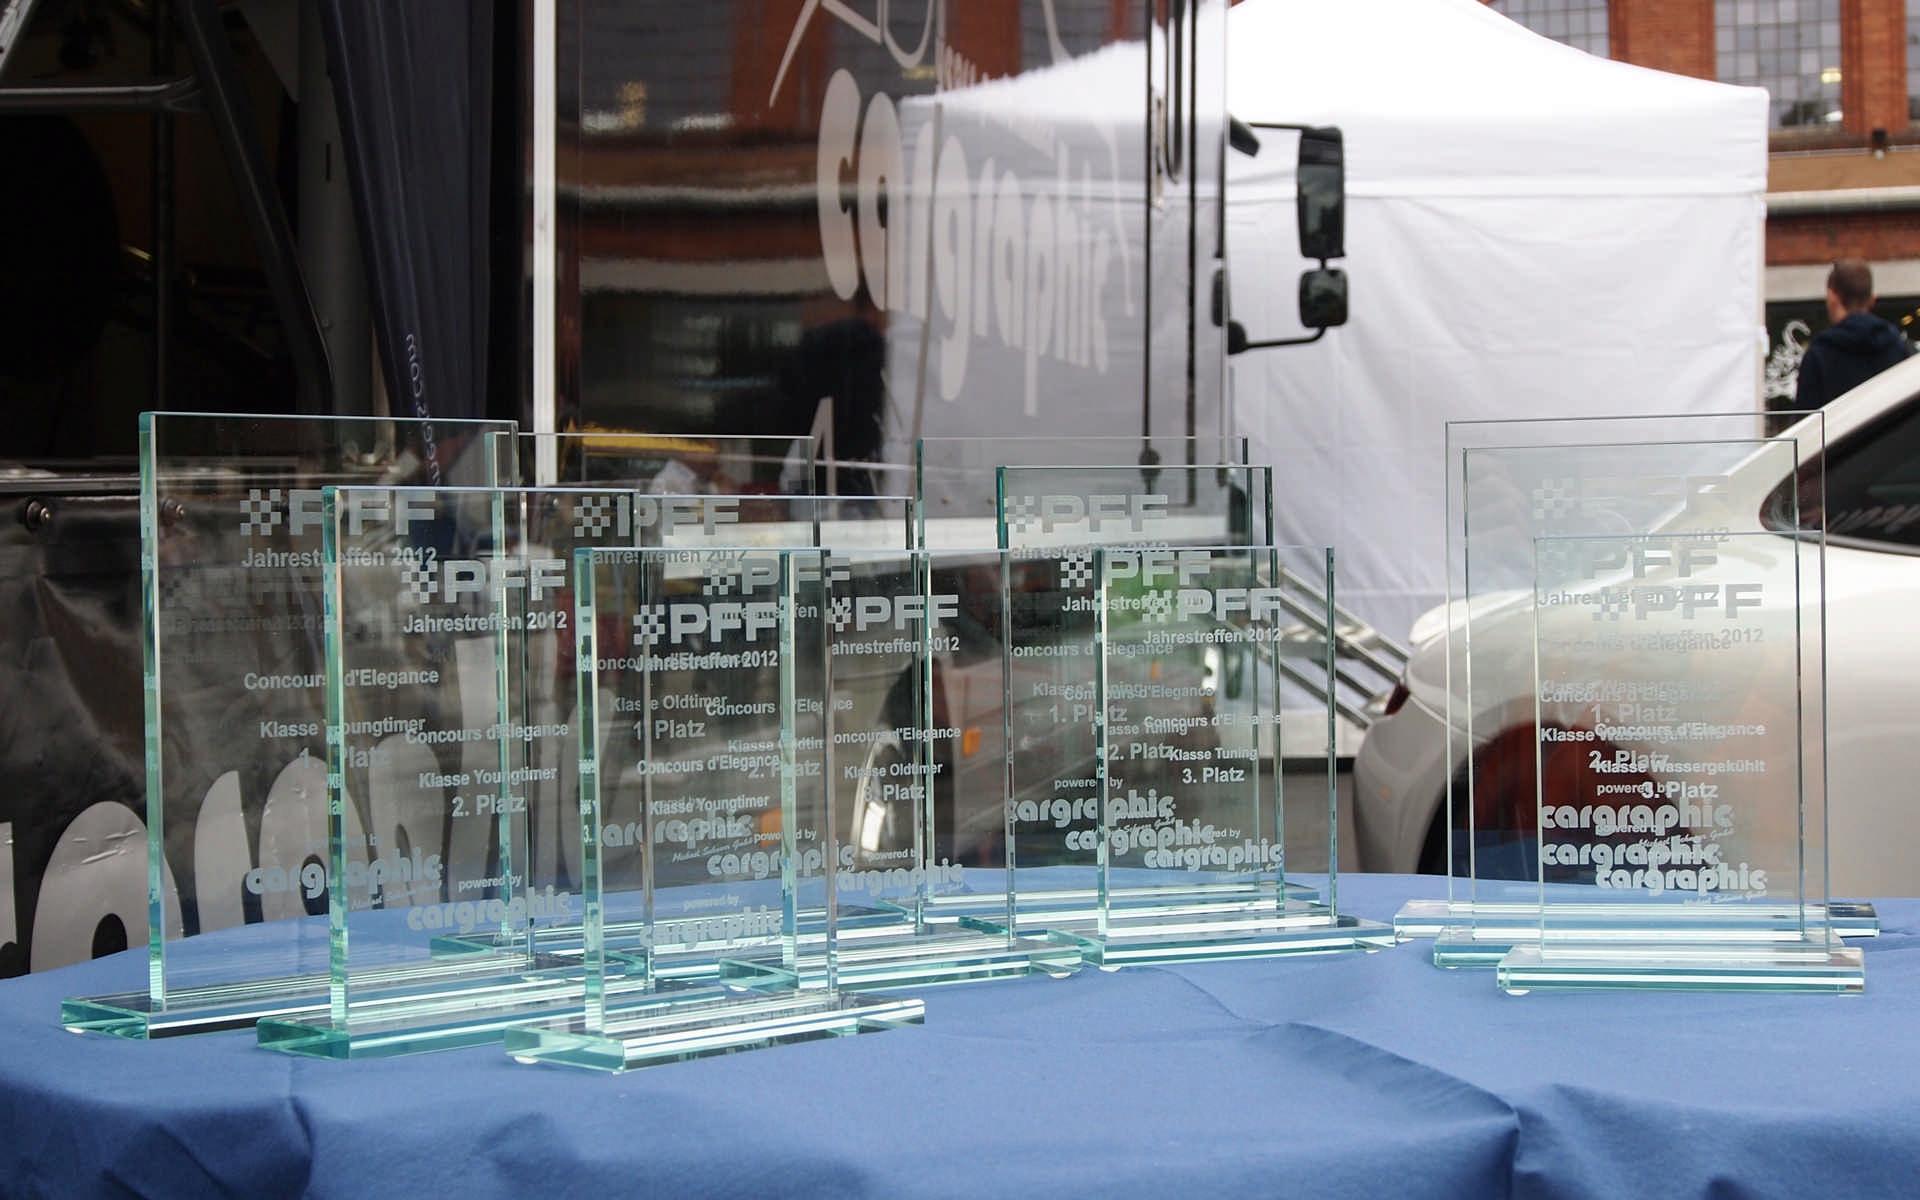 gemballa_gmbh_event_5-pff-jt-2012_041